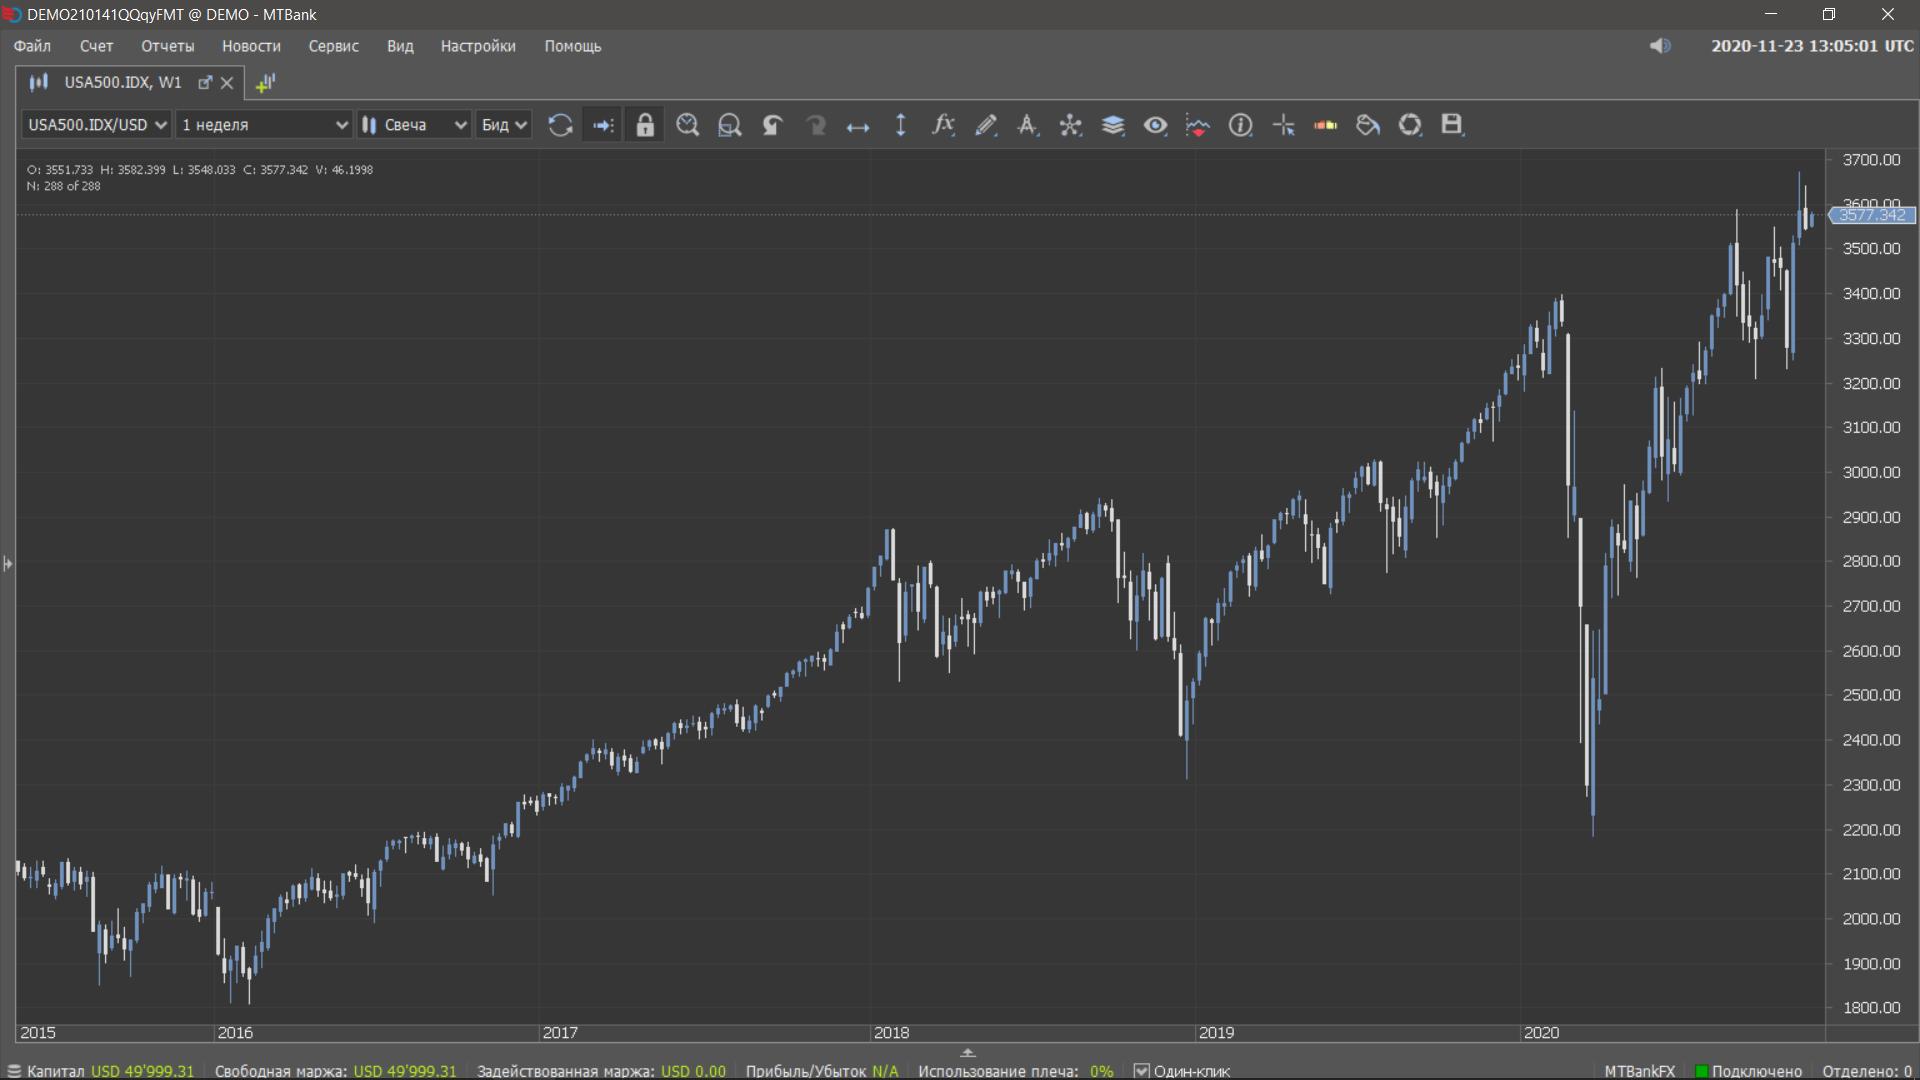 Динамика индекса S&P500, скриншот из терминала MTBankFX